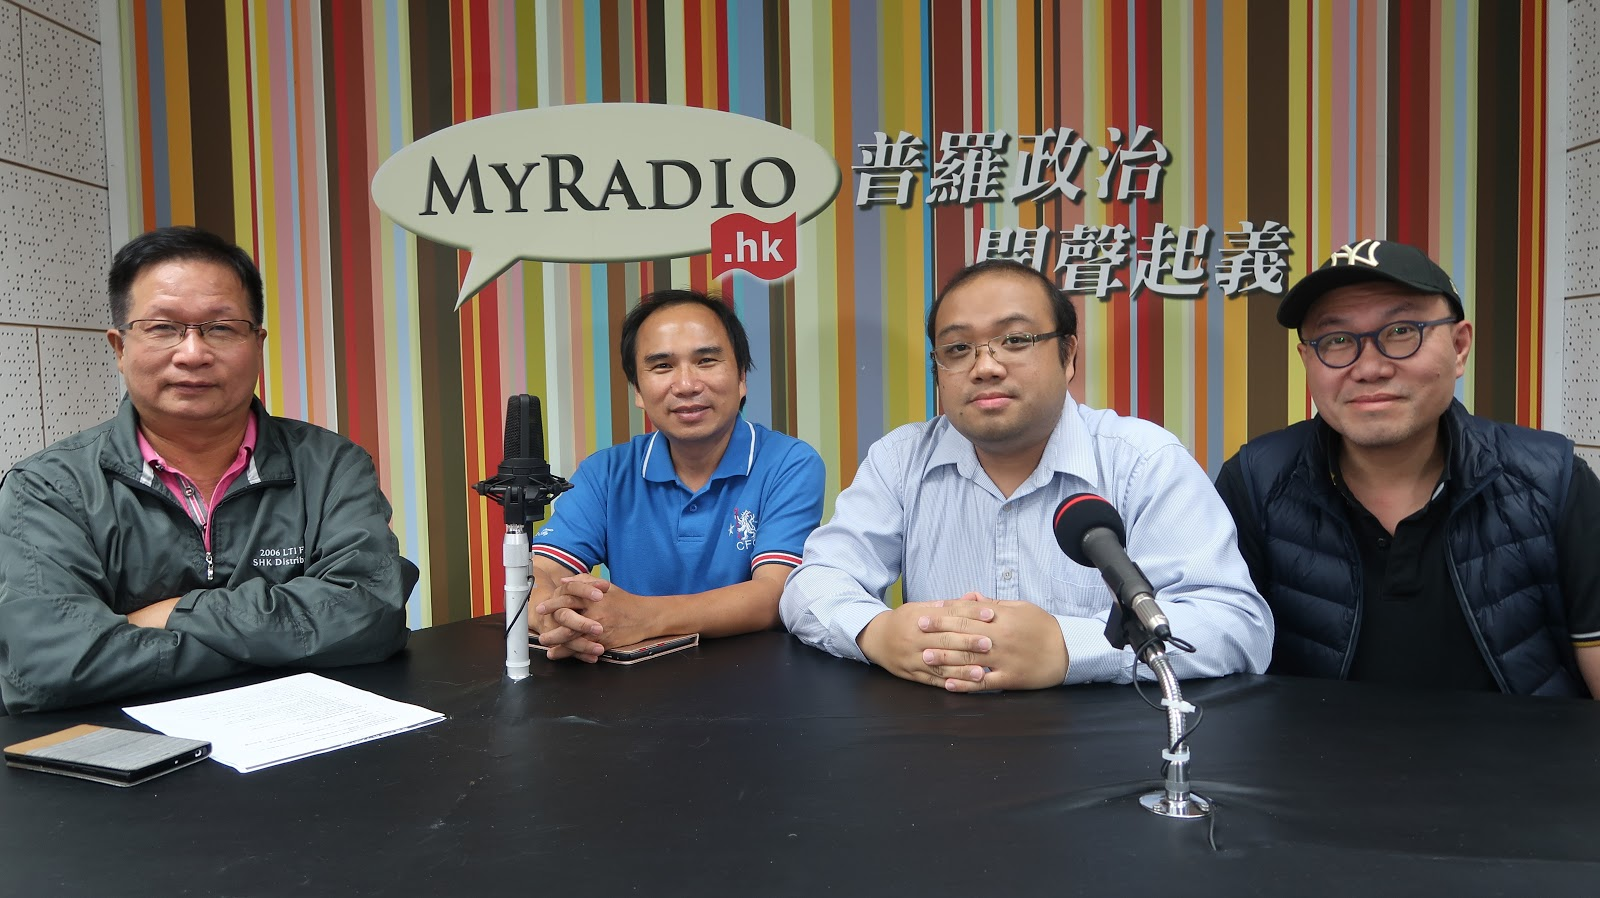 MyRadio.HK 臺務網誌: 天天天藍 171023 ep235